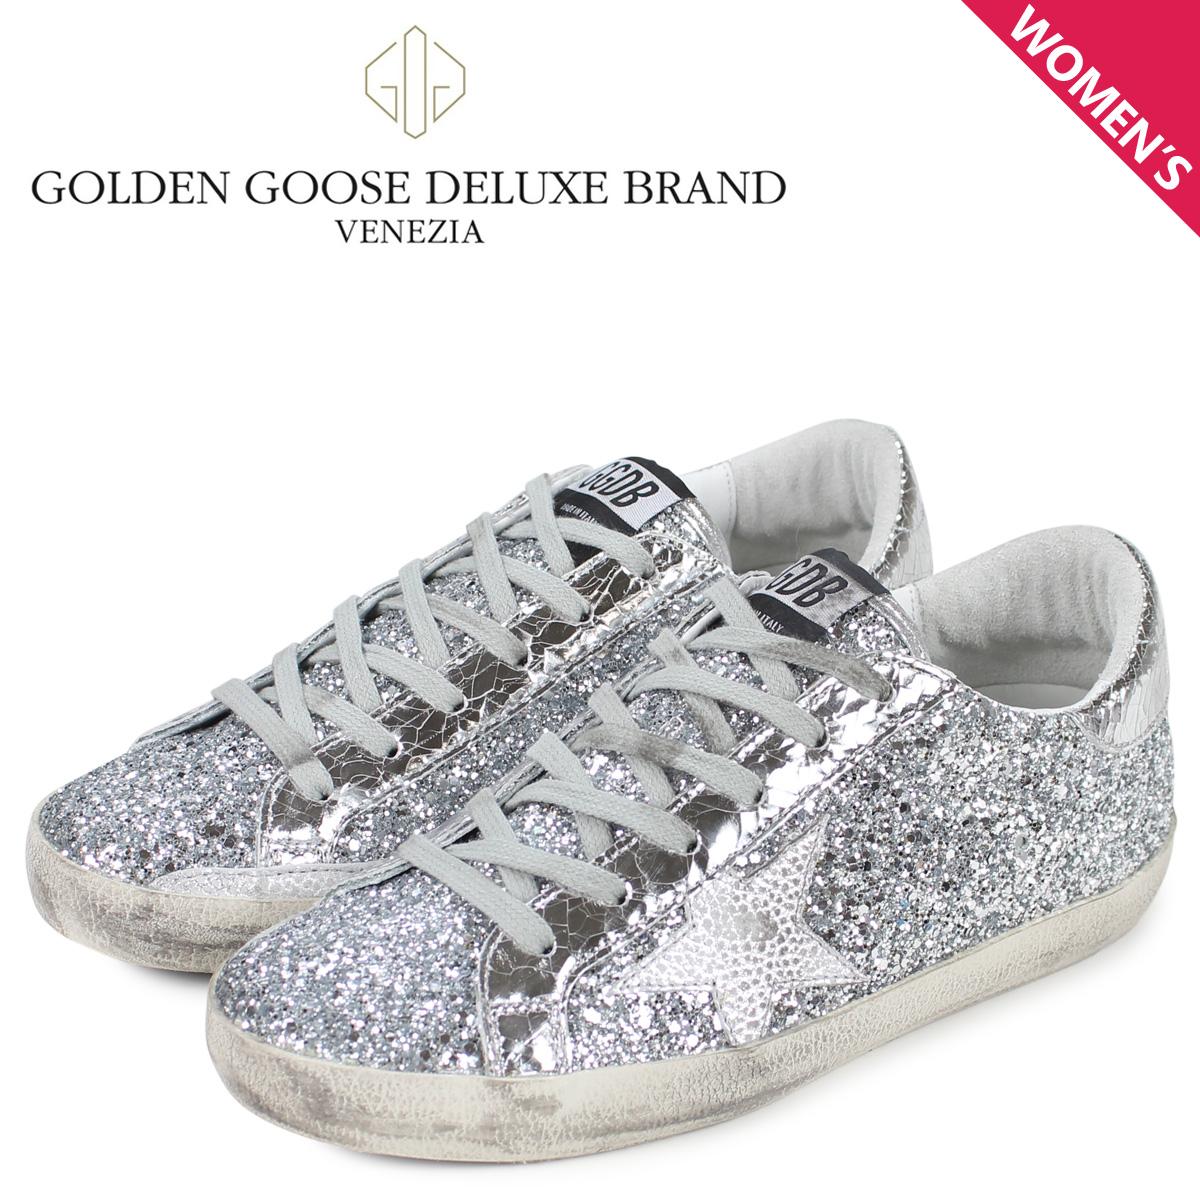 Golden Goose ゴールデングース スニーカー スーパースター レディース SNEAKERS SUPERSTAR シルバー G34WS590 M89 [3/4 新入荷]